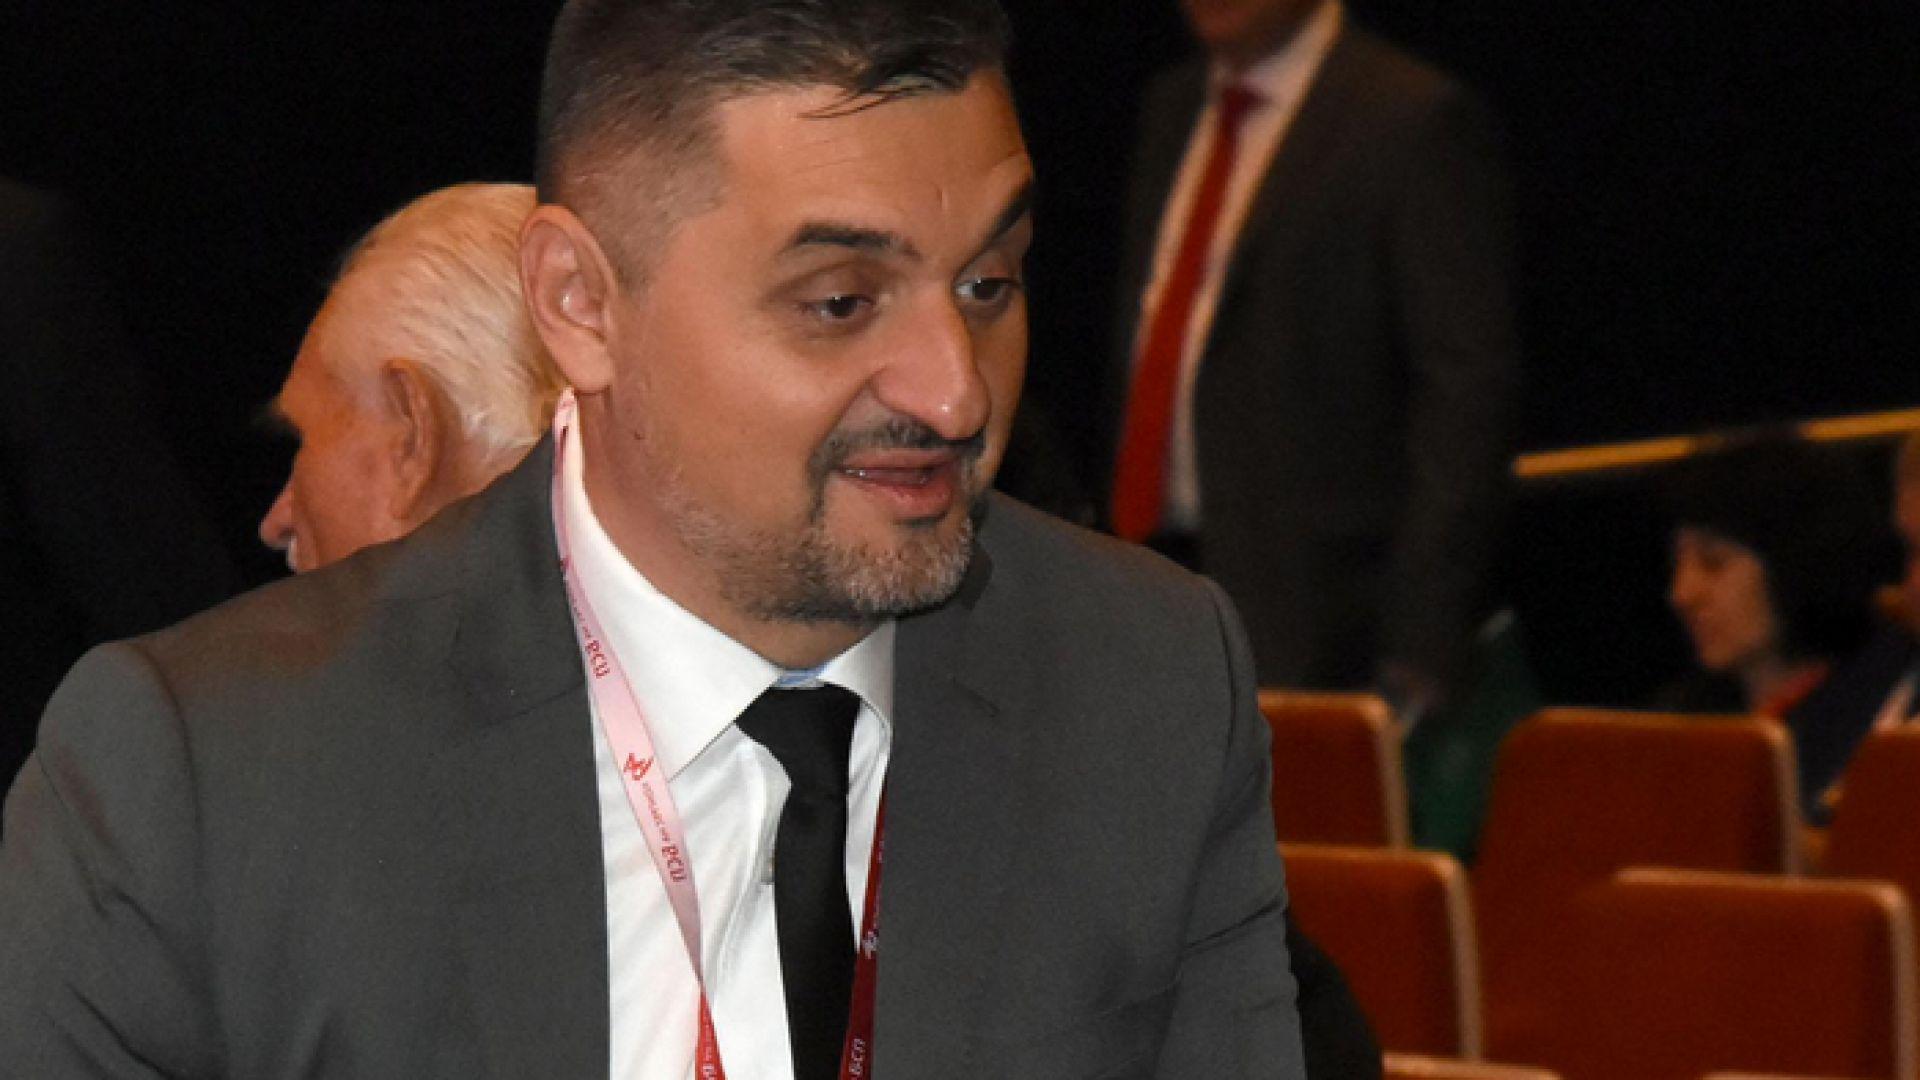 Кирил Добрев: Има камери за бащата на президента, а за знакови убийства не